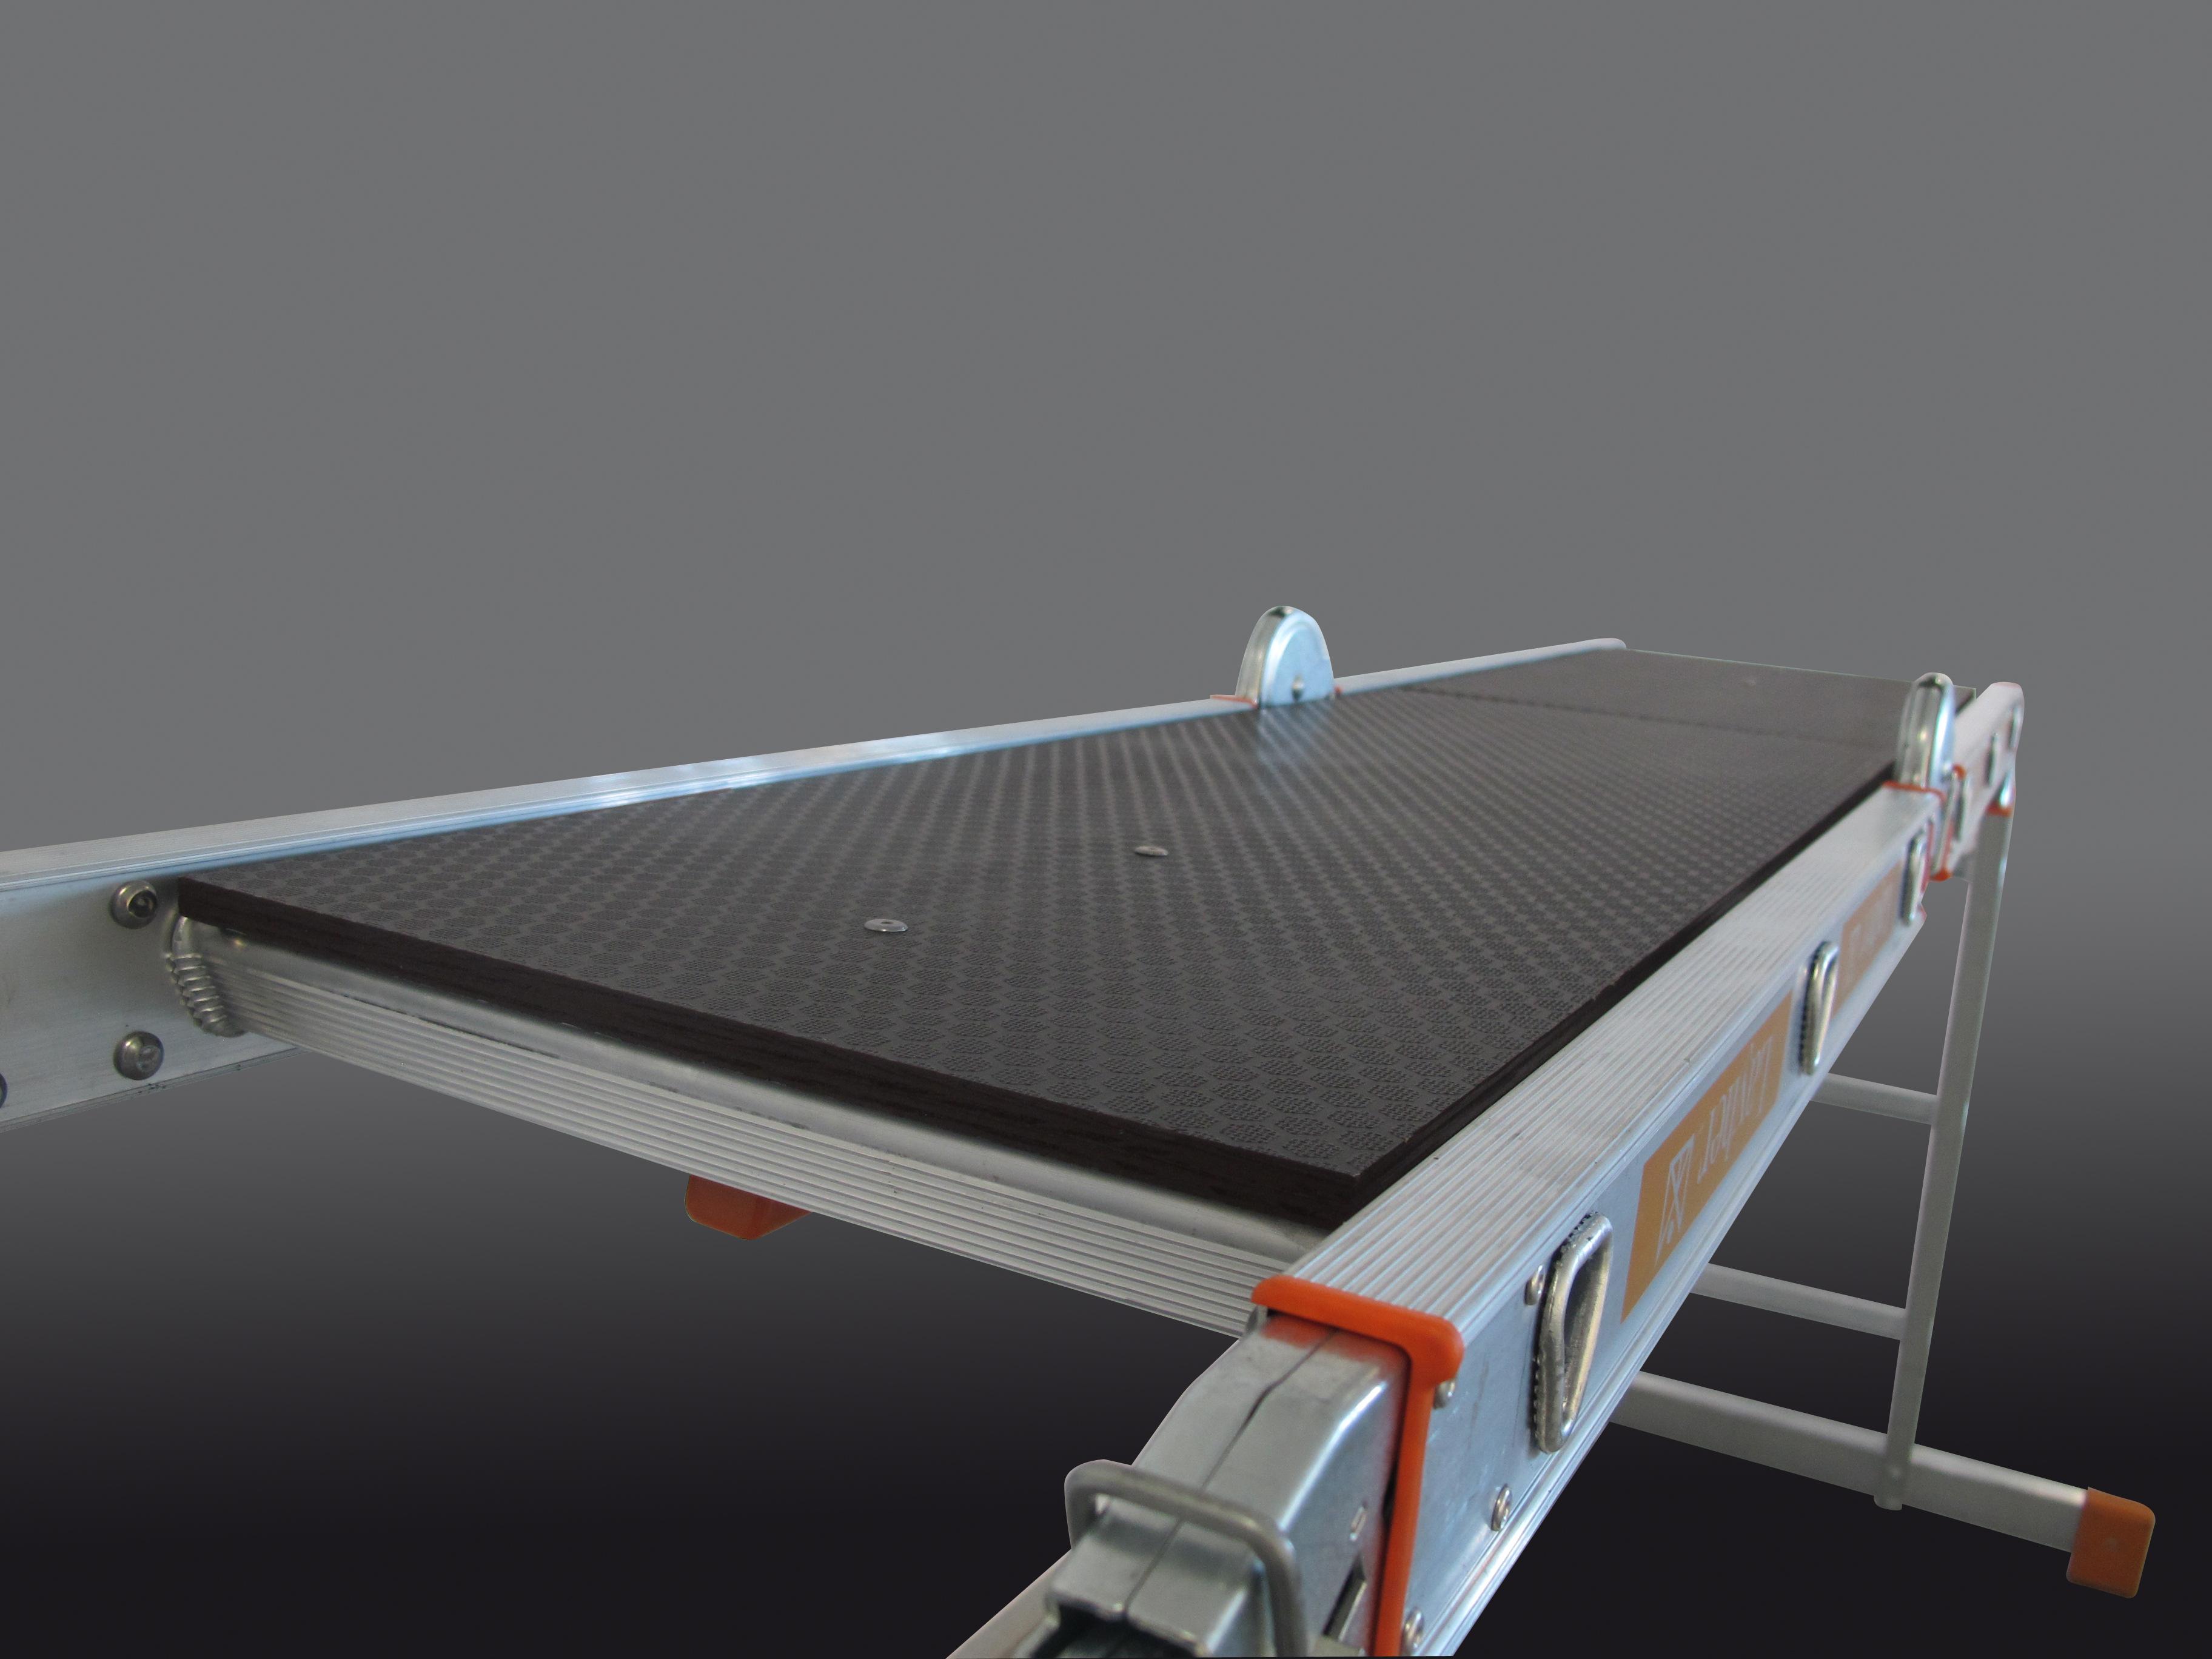 Frisch klappleiter alu 4×3 sprossen mit plattform #pp29 u2013 startupjobsfa